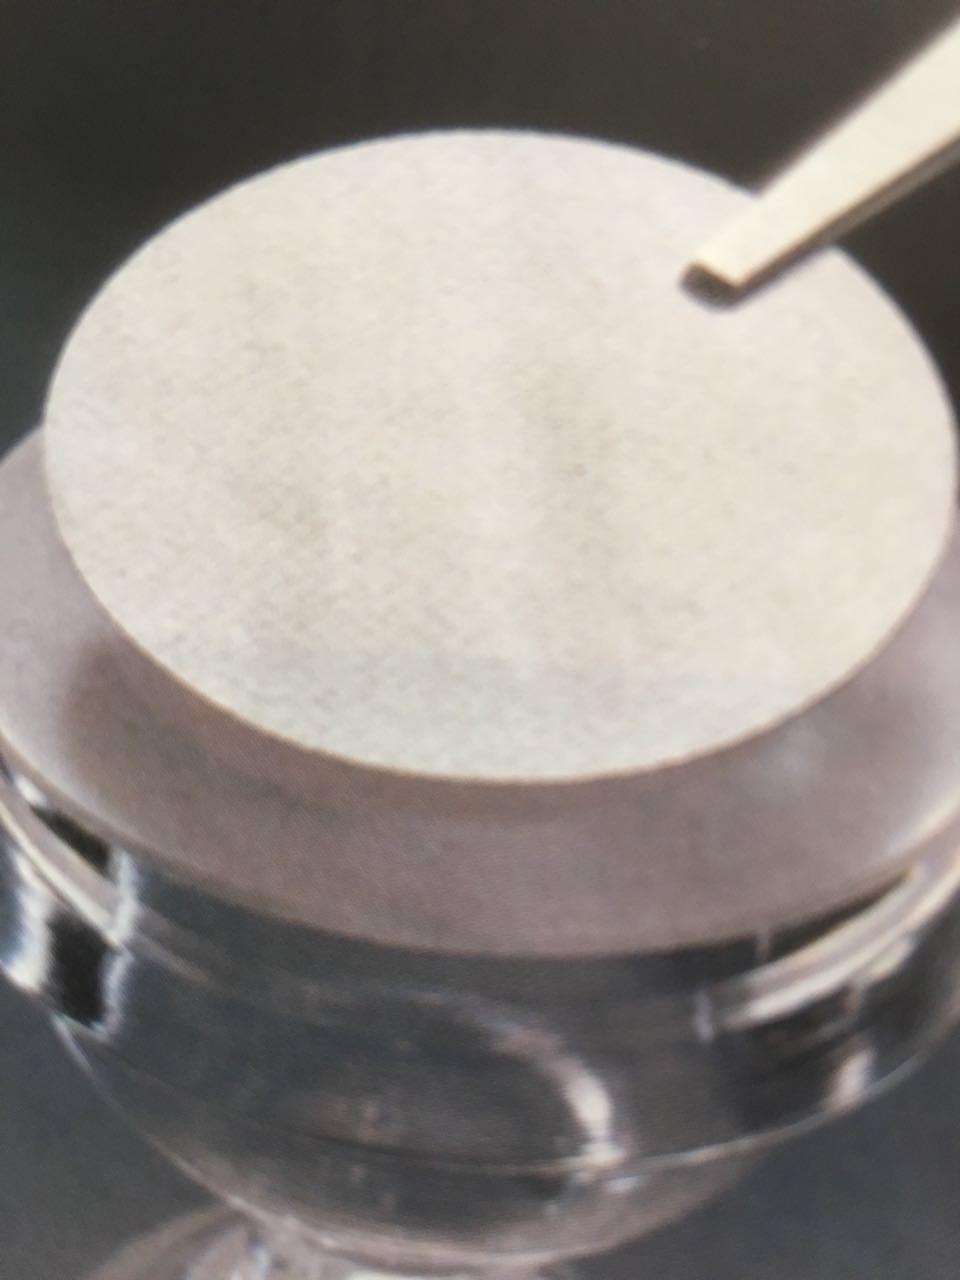 碘化钾淀粉试纸药典北京华科盛精细化工产品贸易有限公司